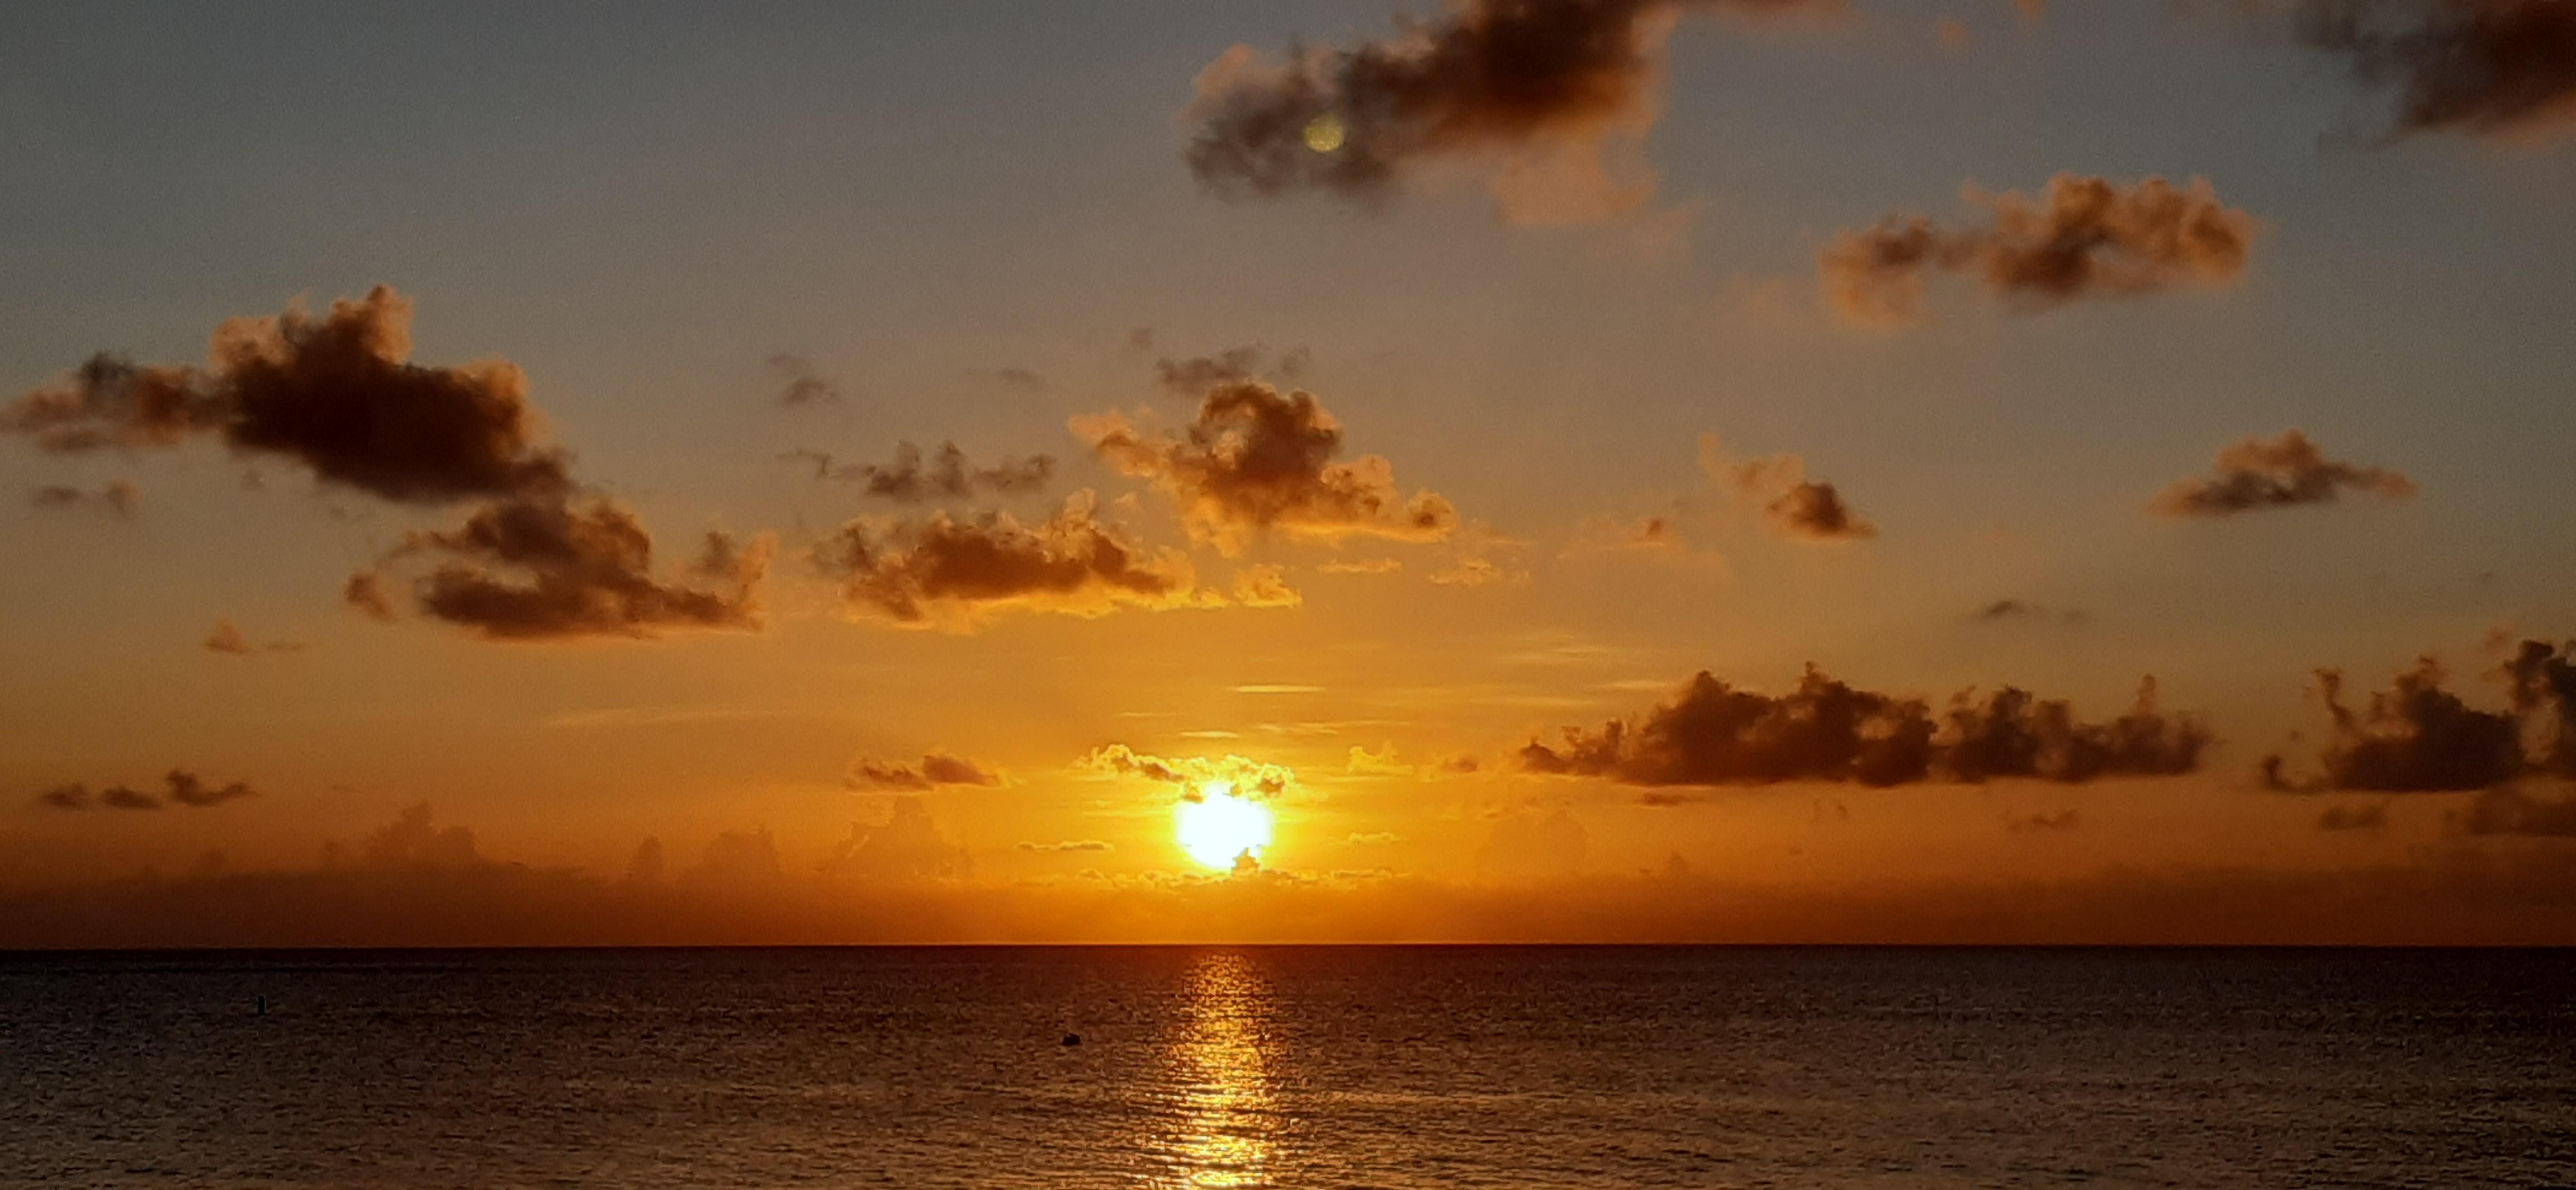 Sharkeez Cayman Sunset View